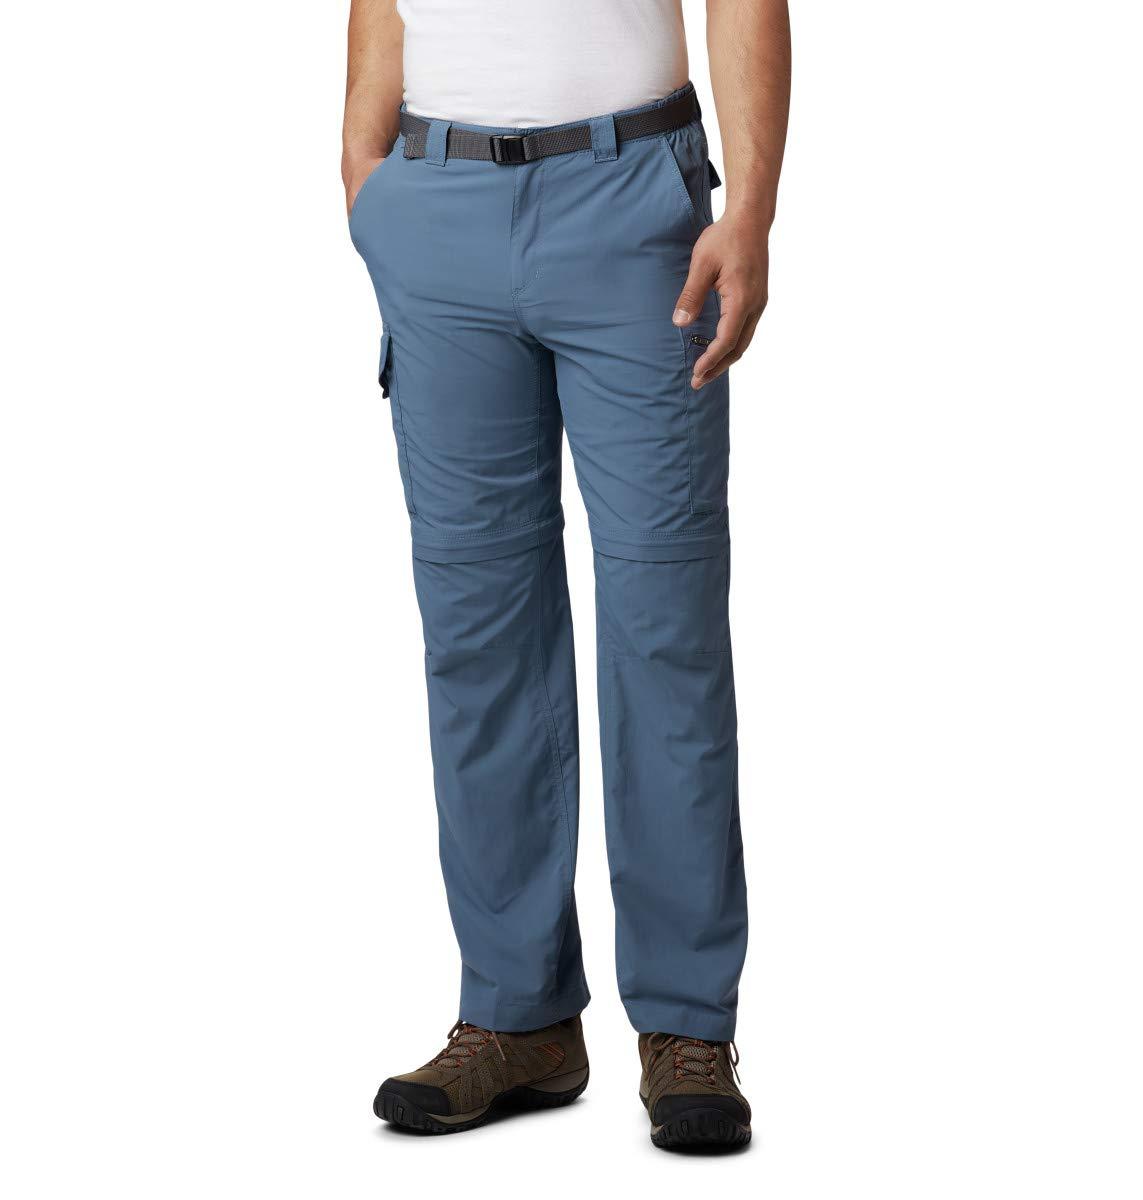 Bleu foncé Taille 42x28 Columbia argent Ridge Convertible pour Femme